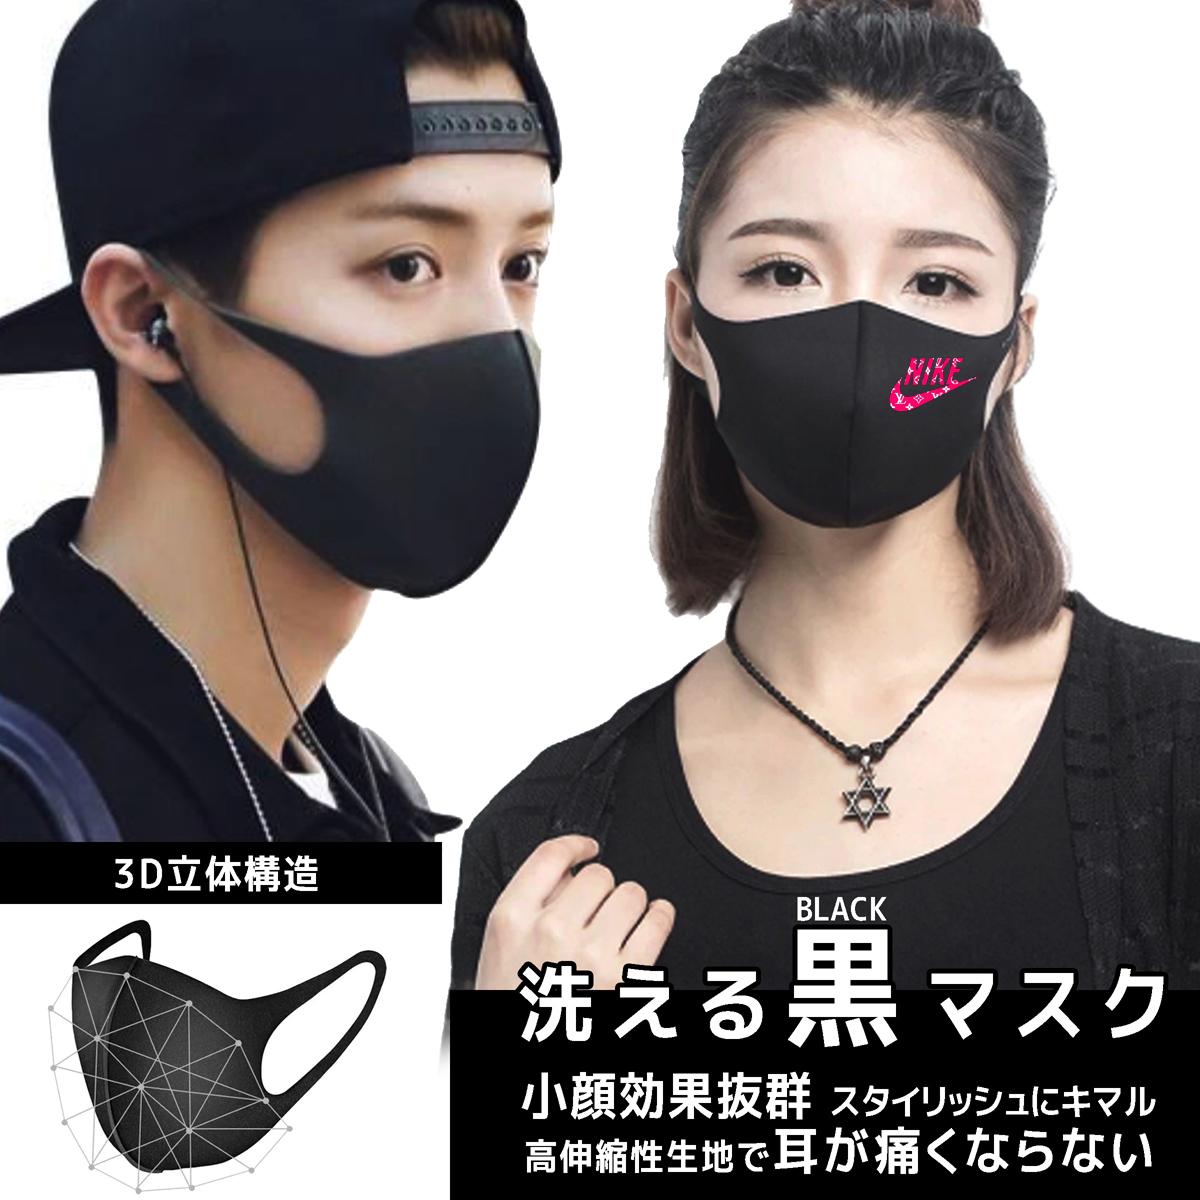 2021ブランド風ナイキ布マスク洗える